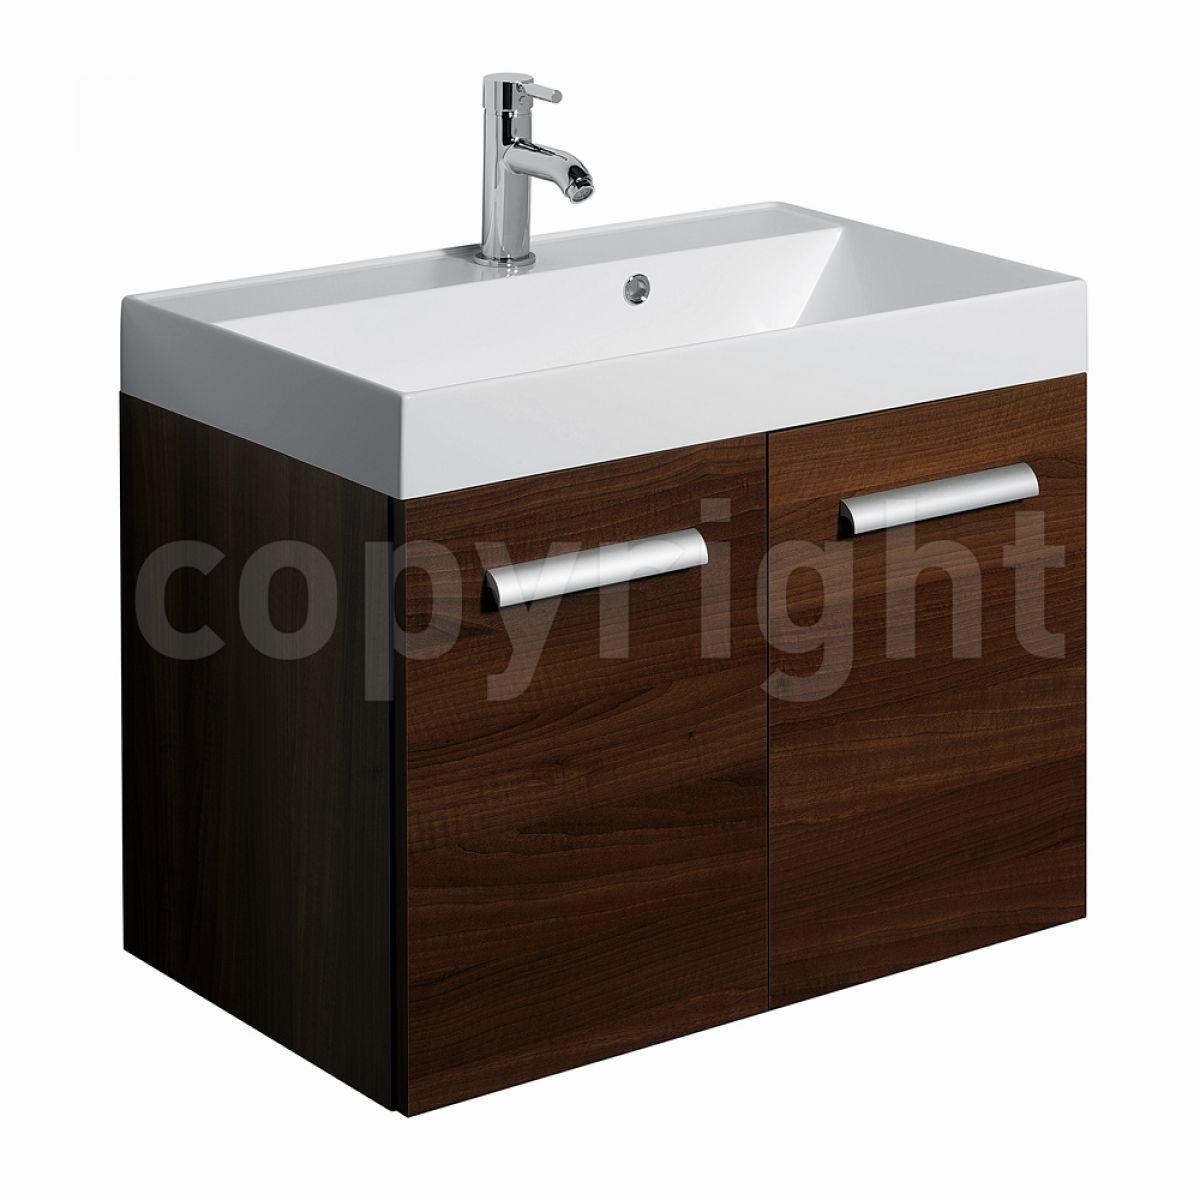 de7000fwt de0003srw home bathroom furniture wall hung furniture